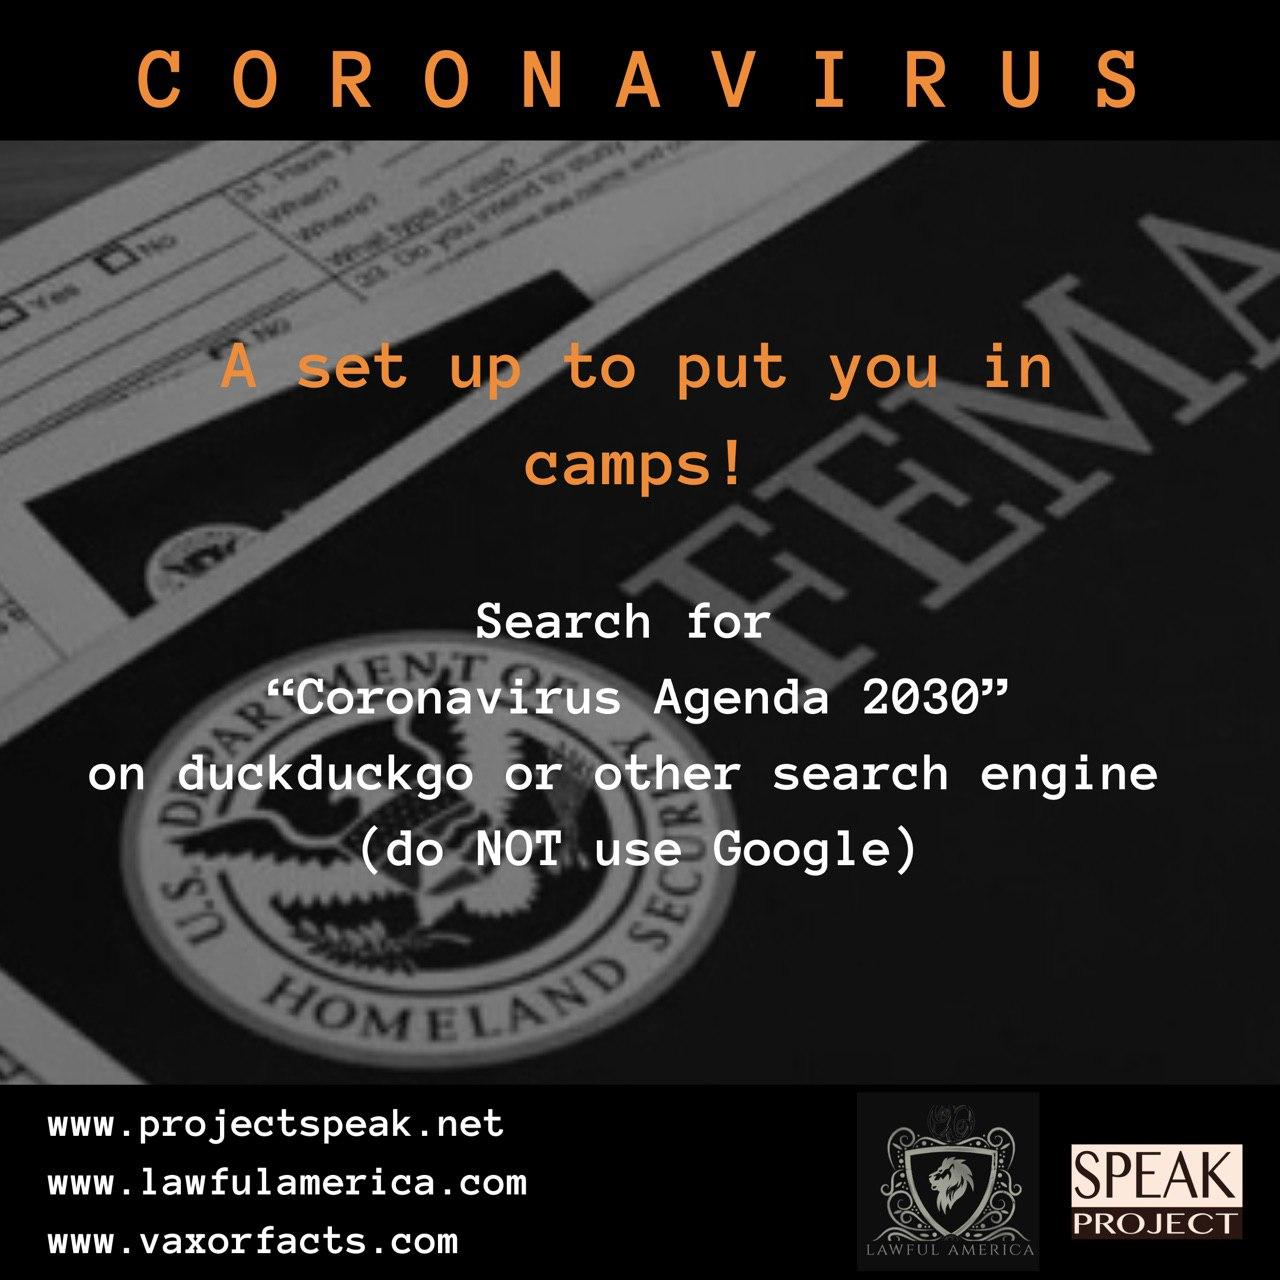 Coronavirus - Agenda 2030